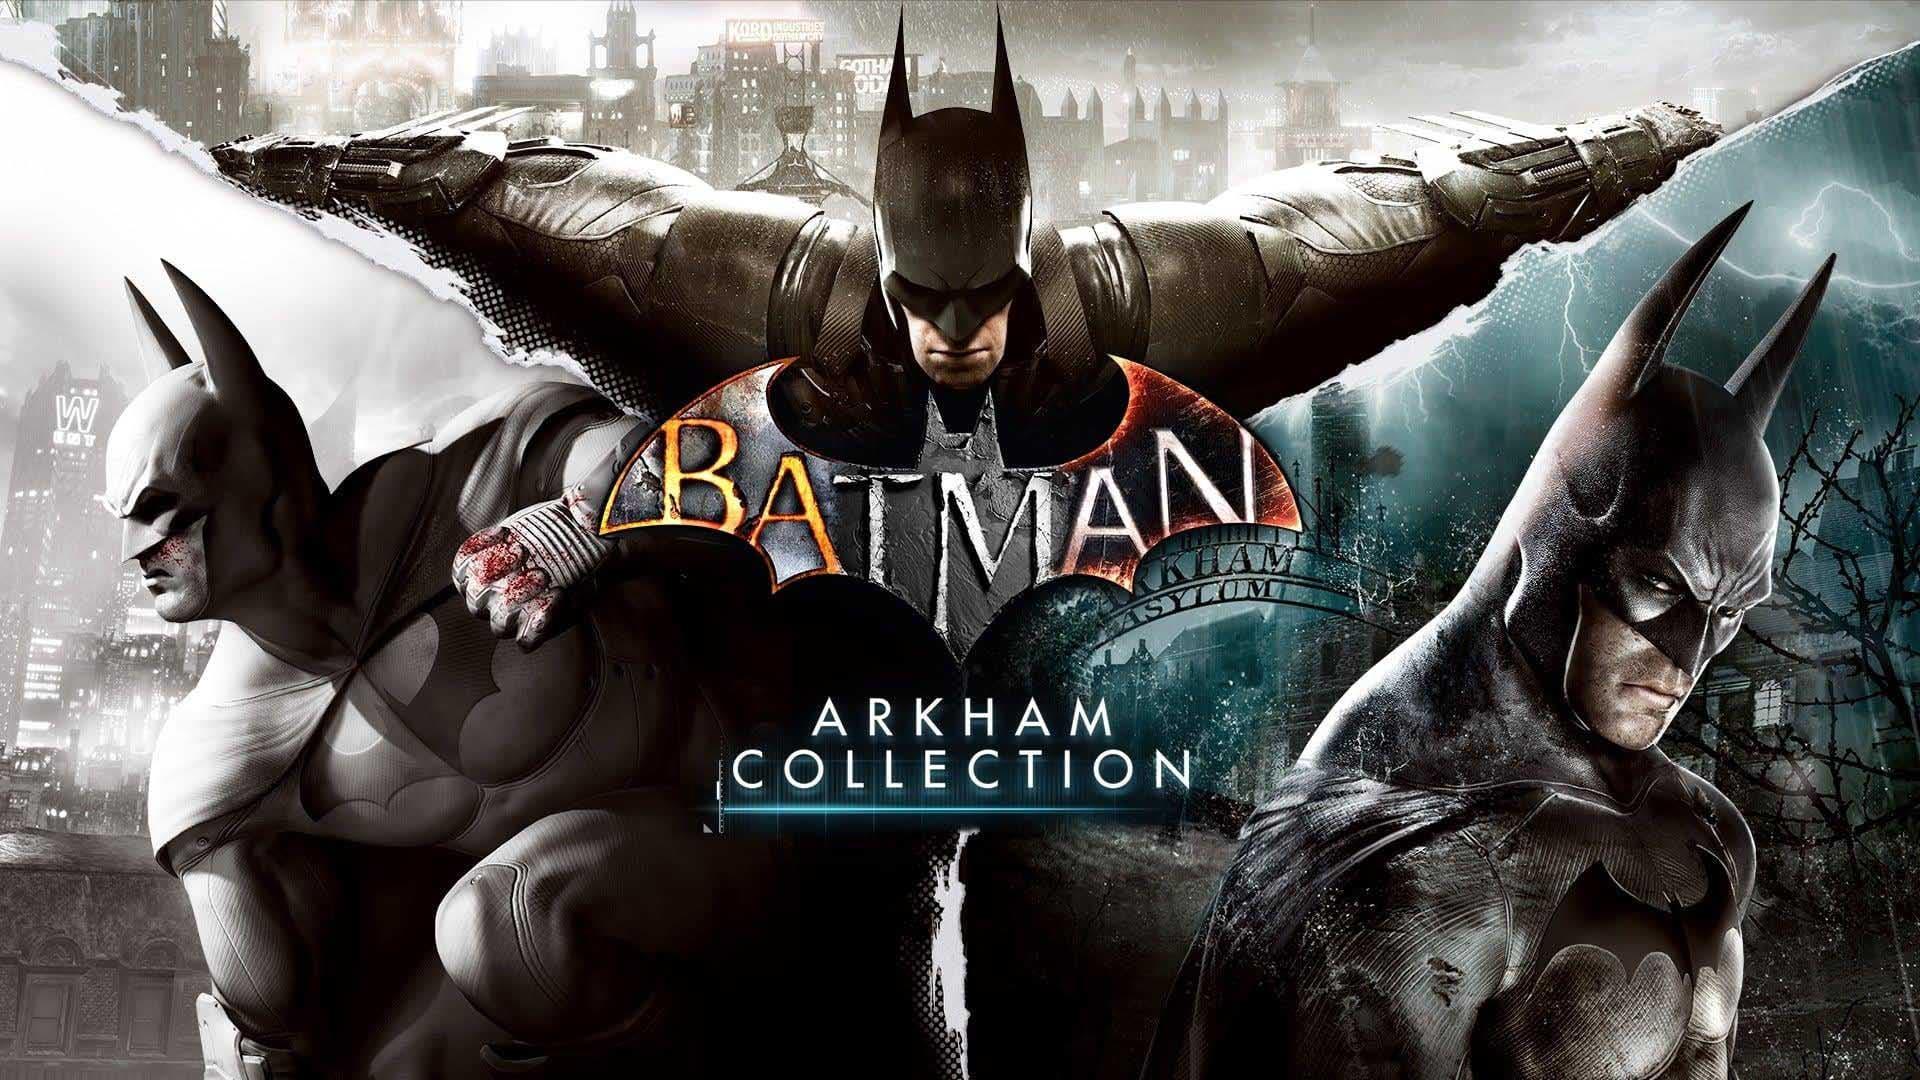 Las mejores ofertas en juegos de Xbox One: 20 juegos entre 15 y 30€ 3